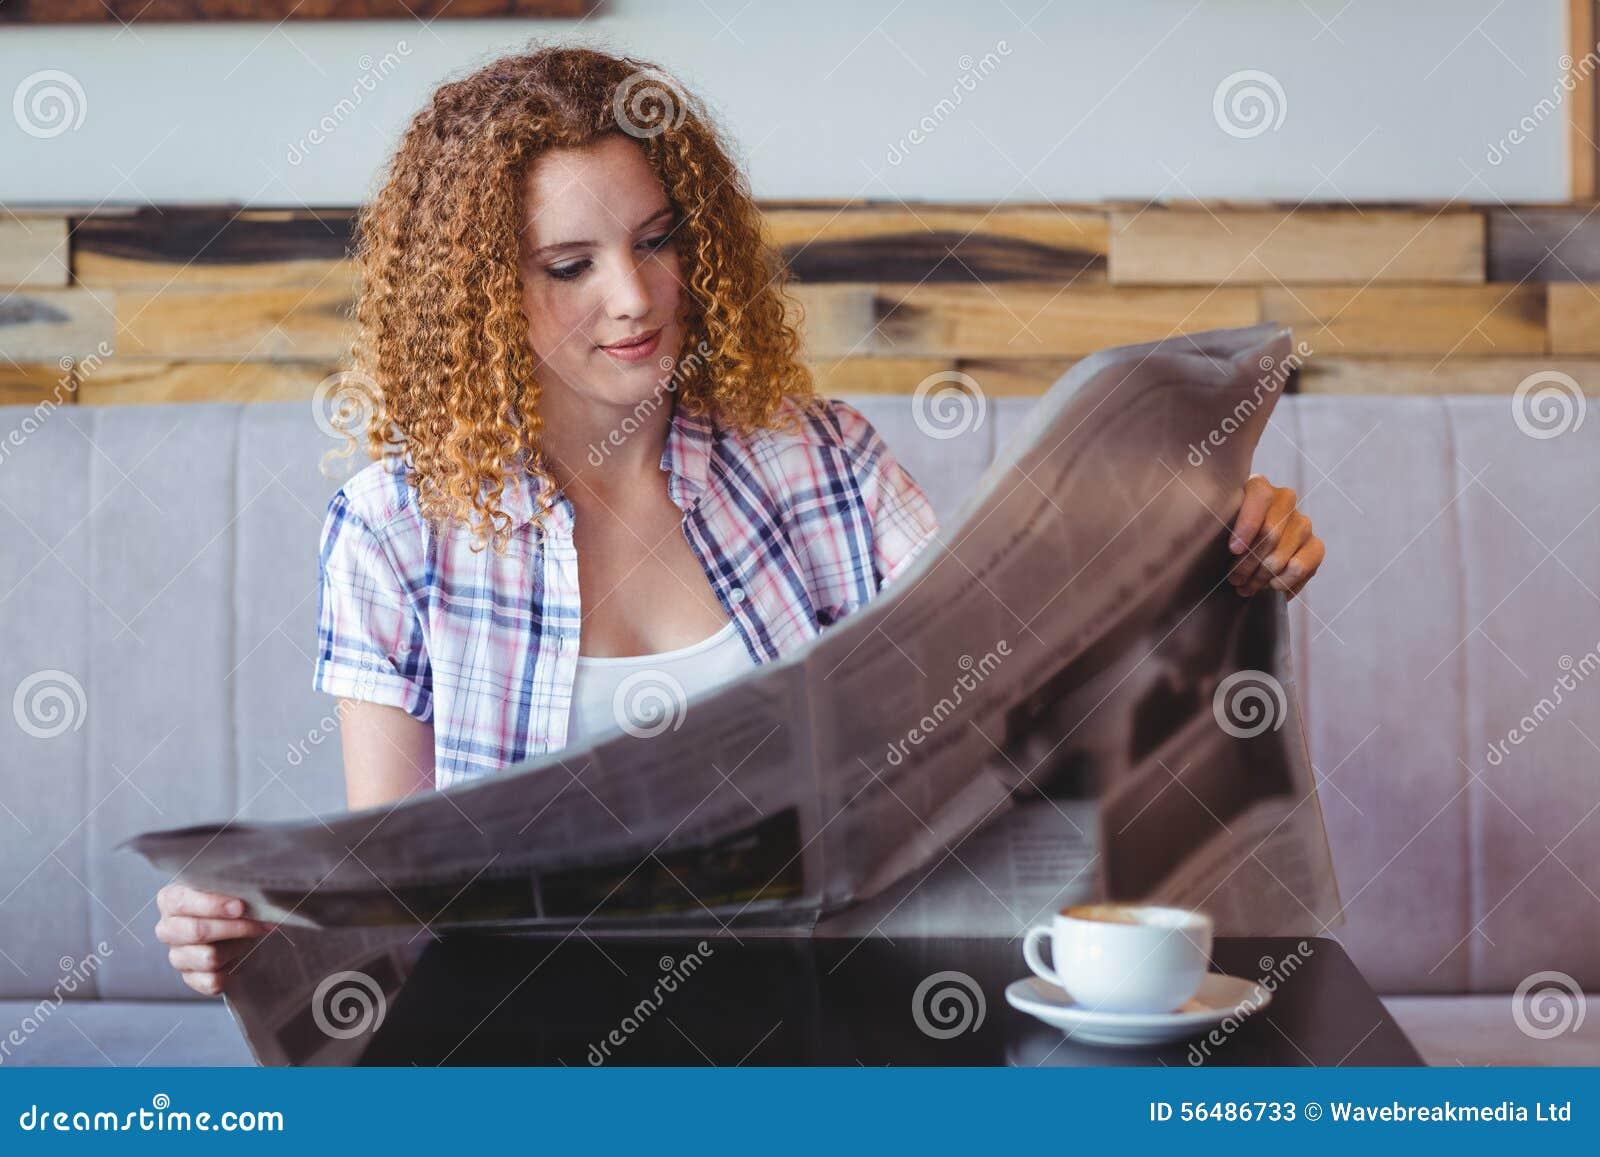 Fille de cheveux assez bouclés ayant la tasse de café et lisant le journal